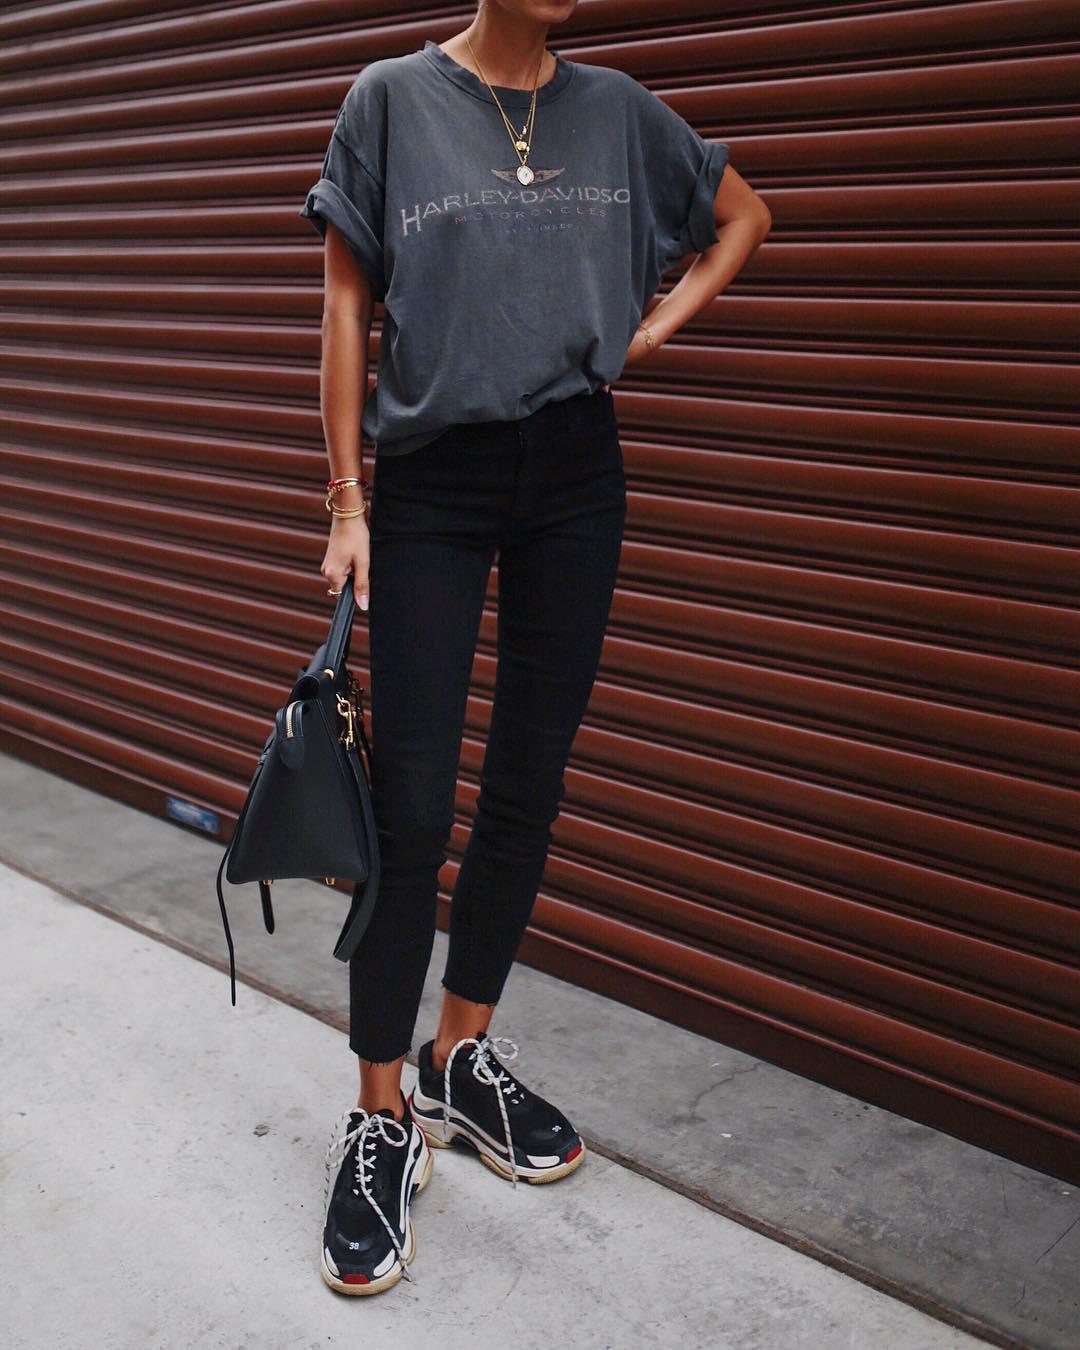 джинсы с кроссовками и кедами фото 15